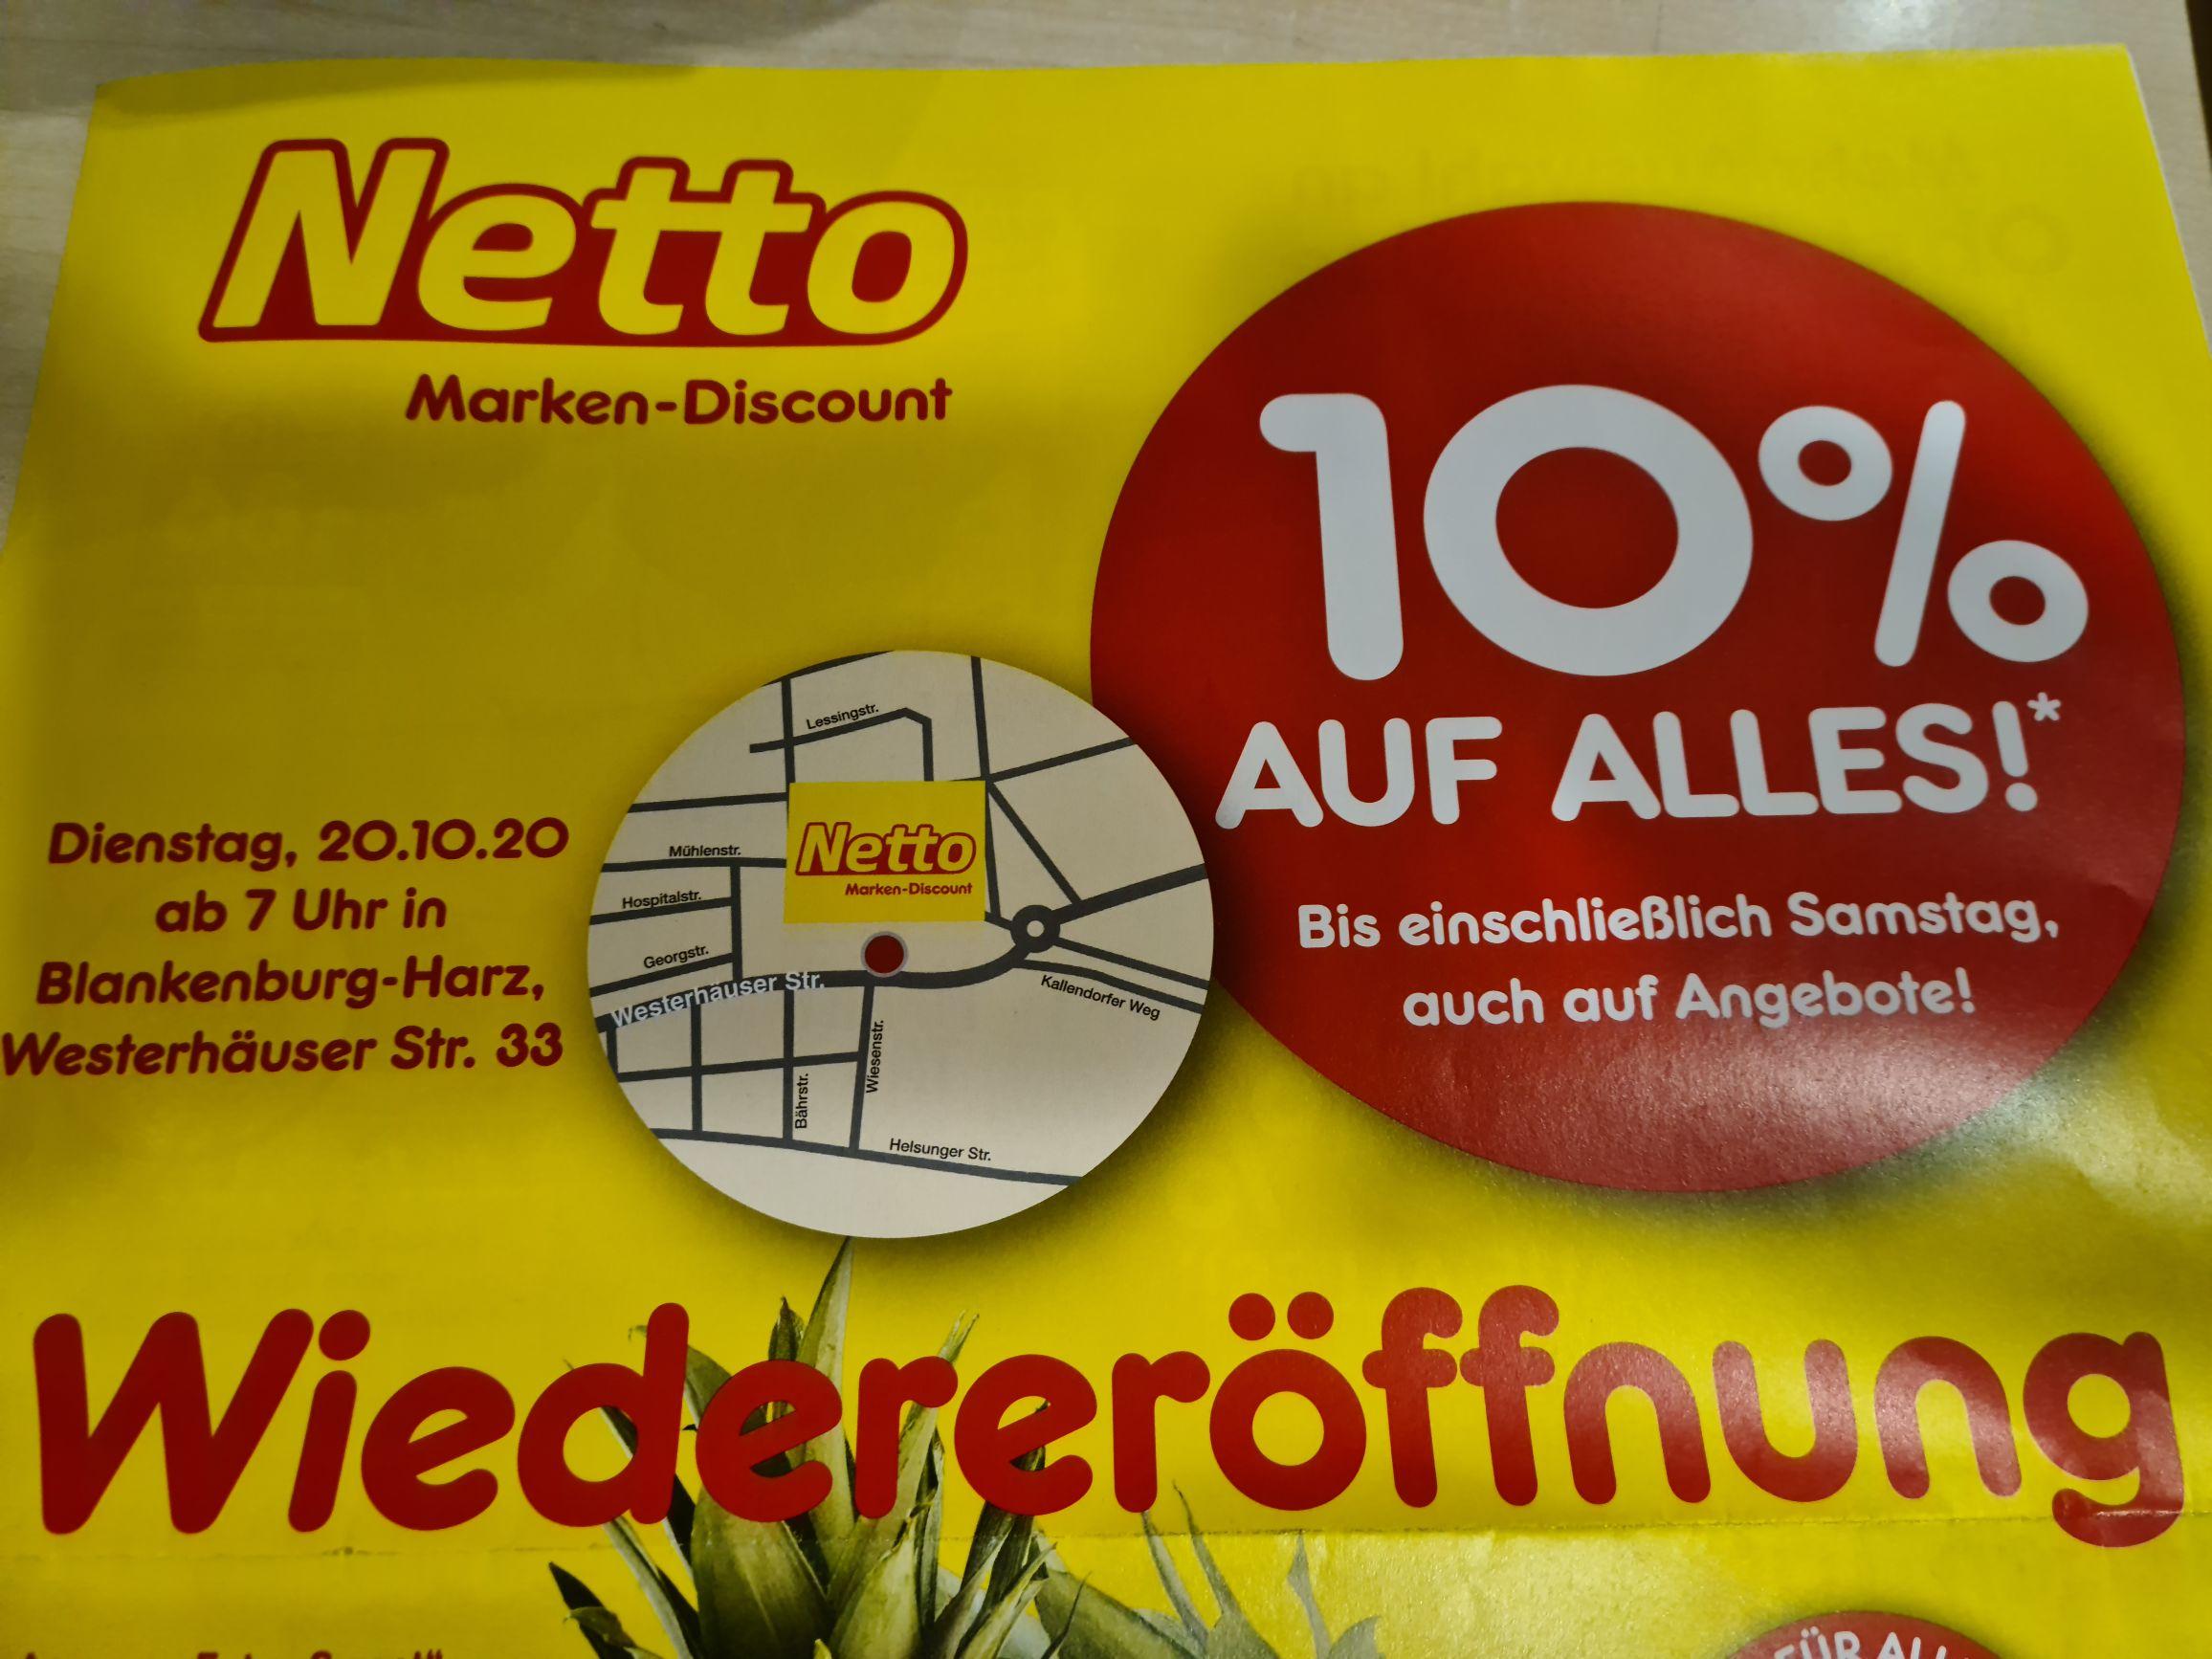 10% auf alles im Netto Marken-Discount Blankenburg-Harz( Lokal)